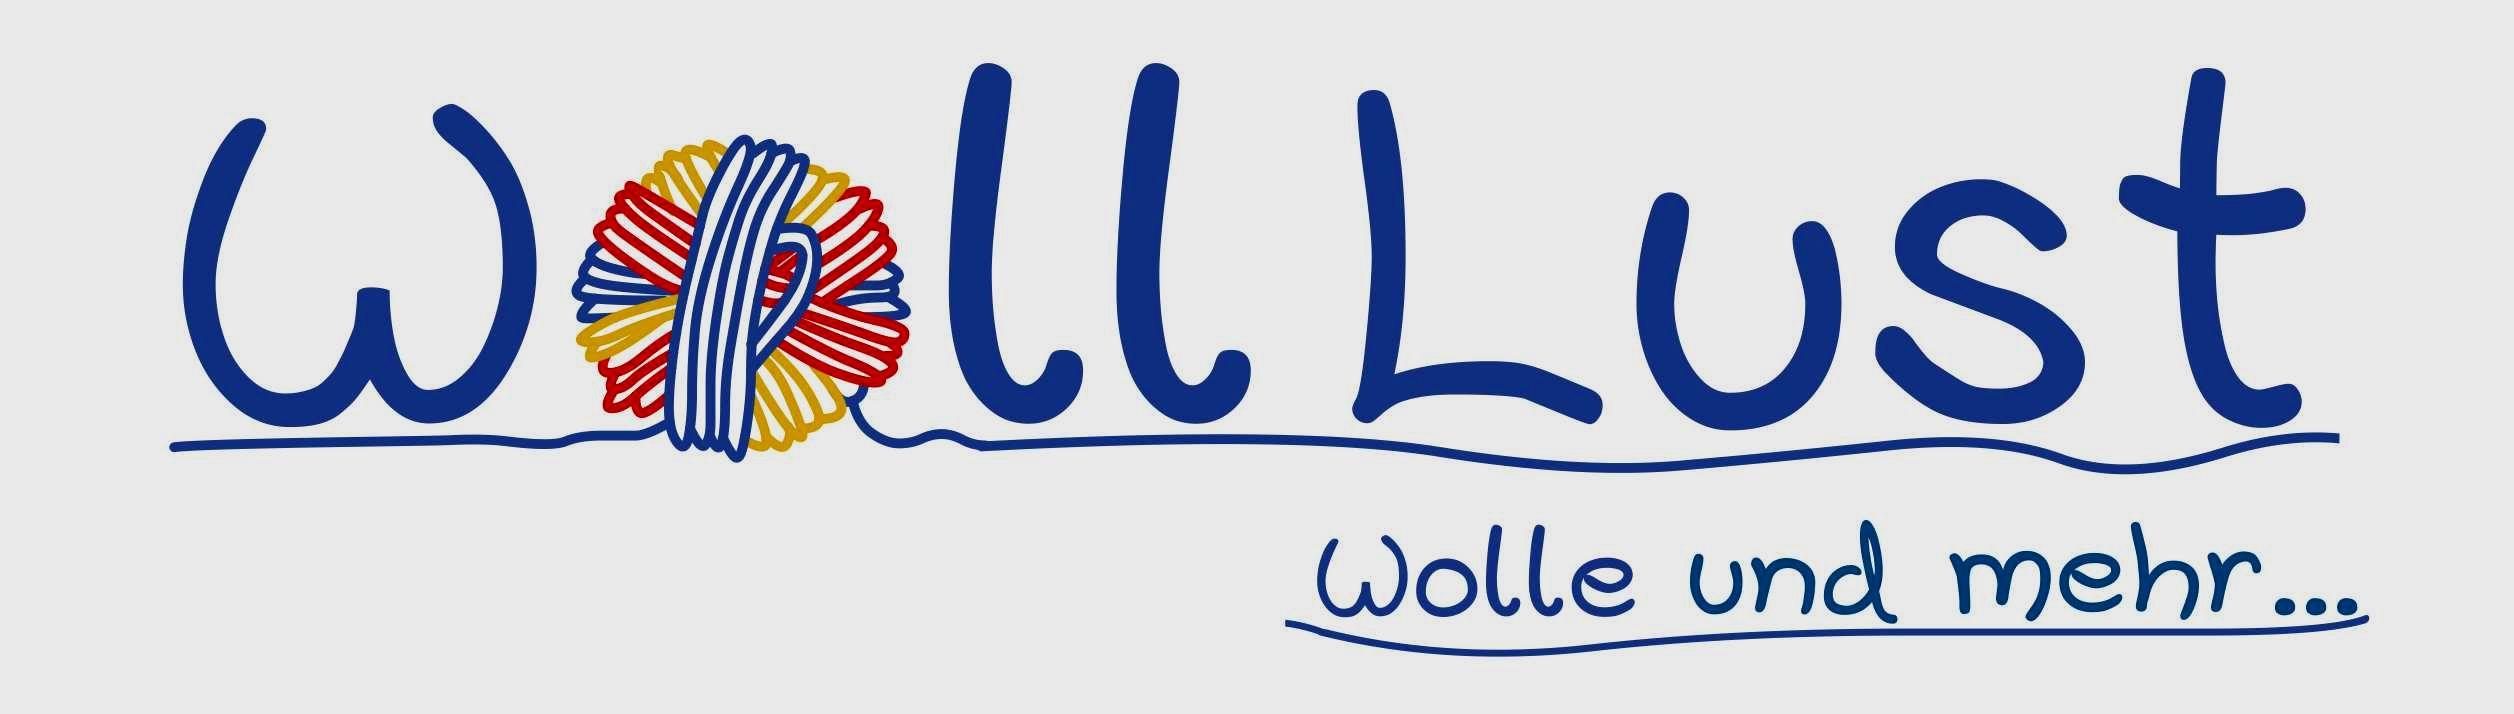 WollLust Wolle und mehr ...